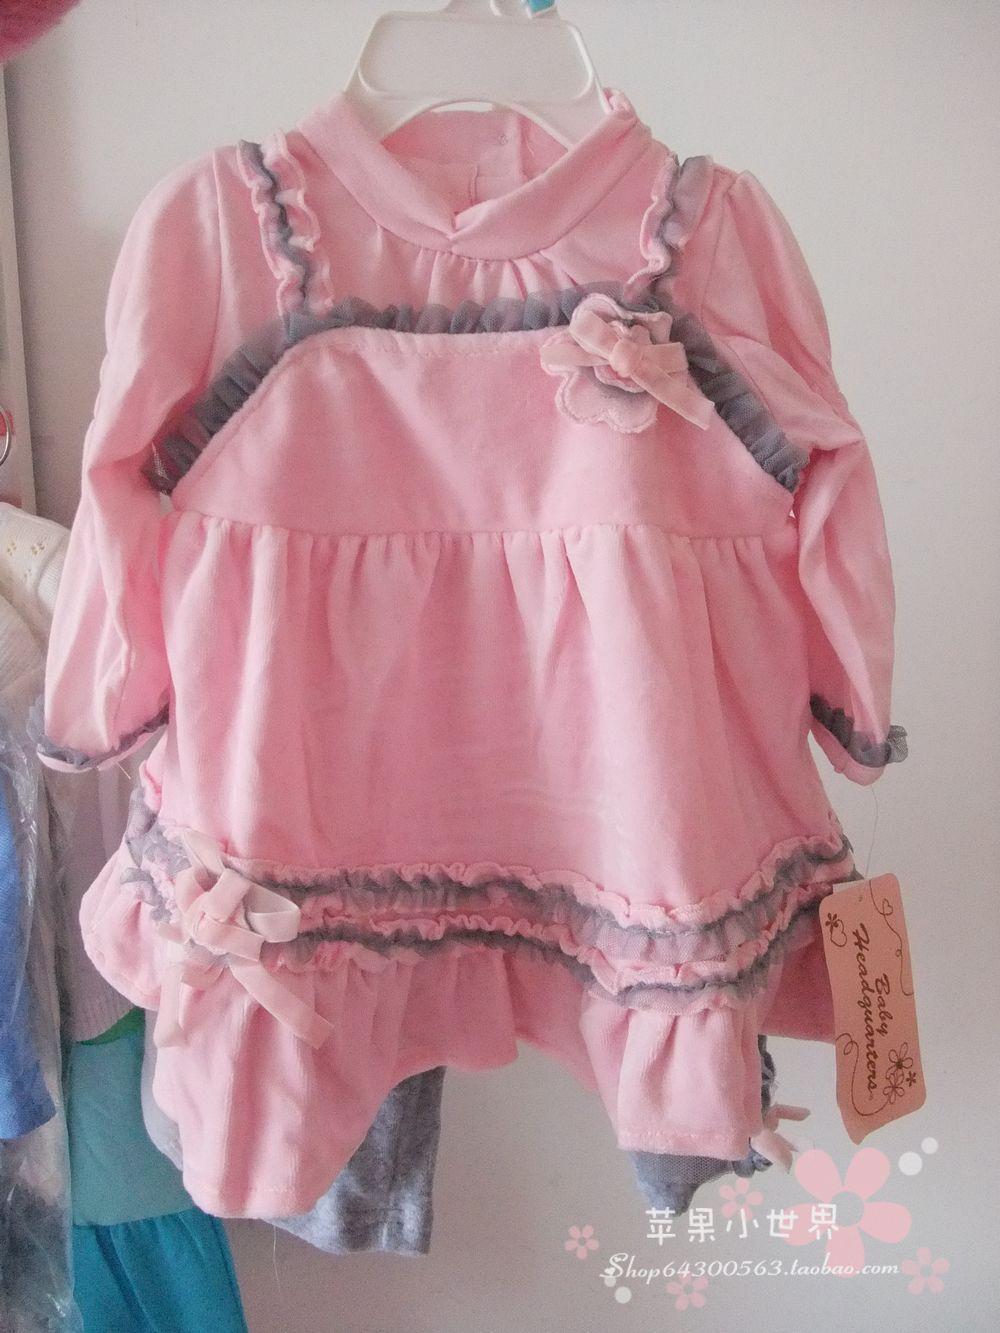 детский костюм Bh 1 Для отдыха Хлопок (95 и выше) Весна-осень % Девушки